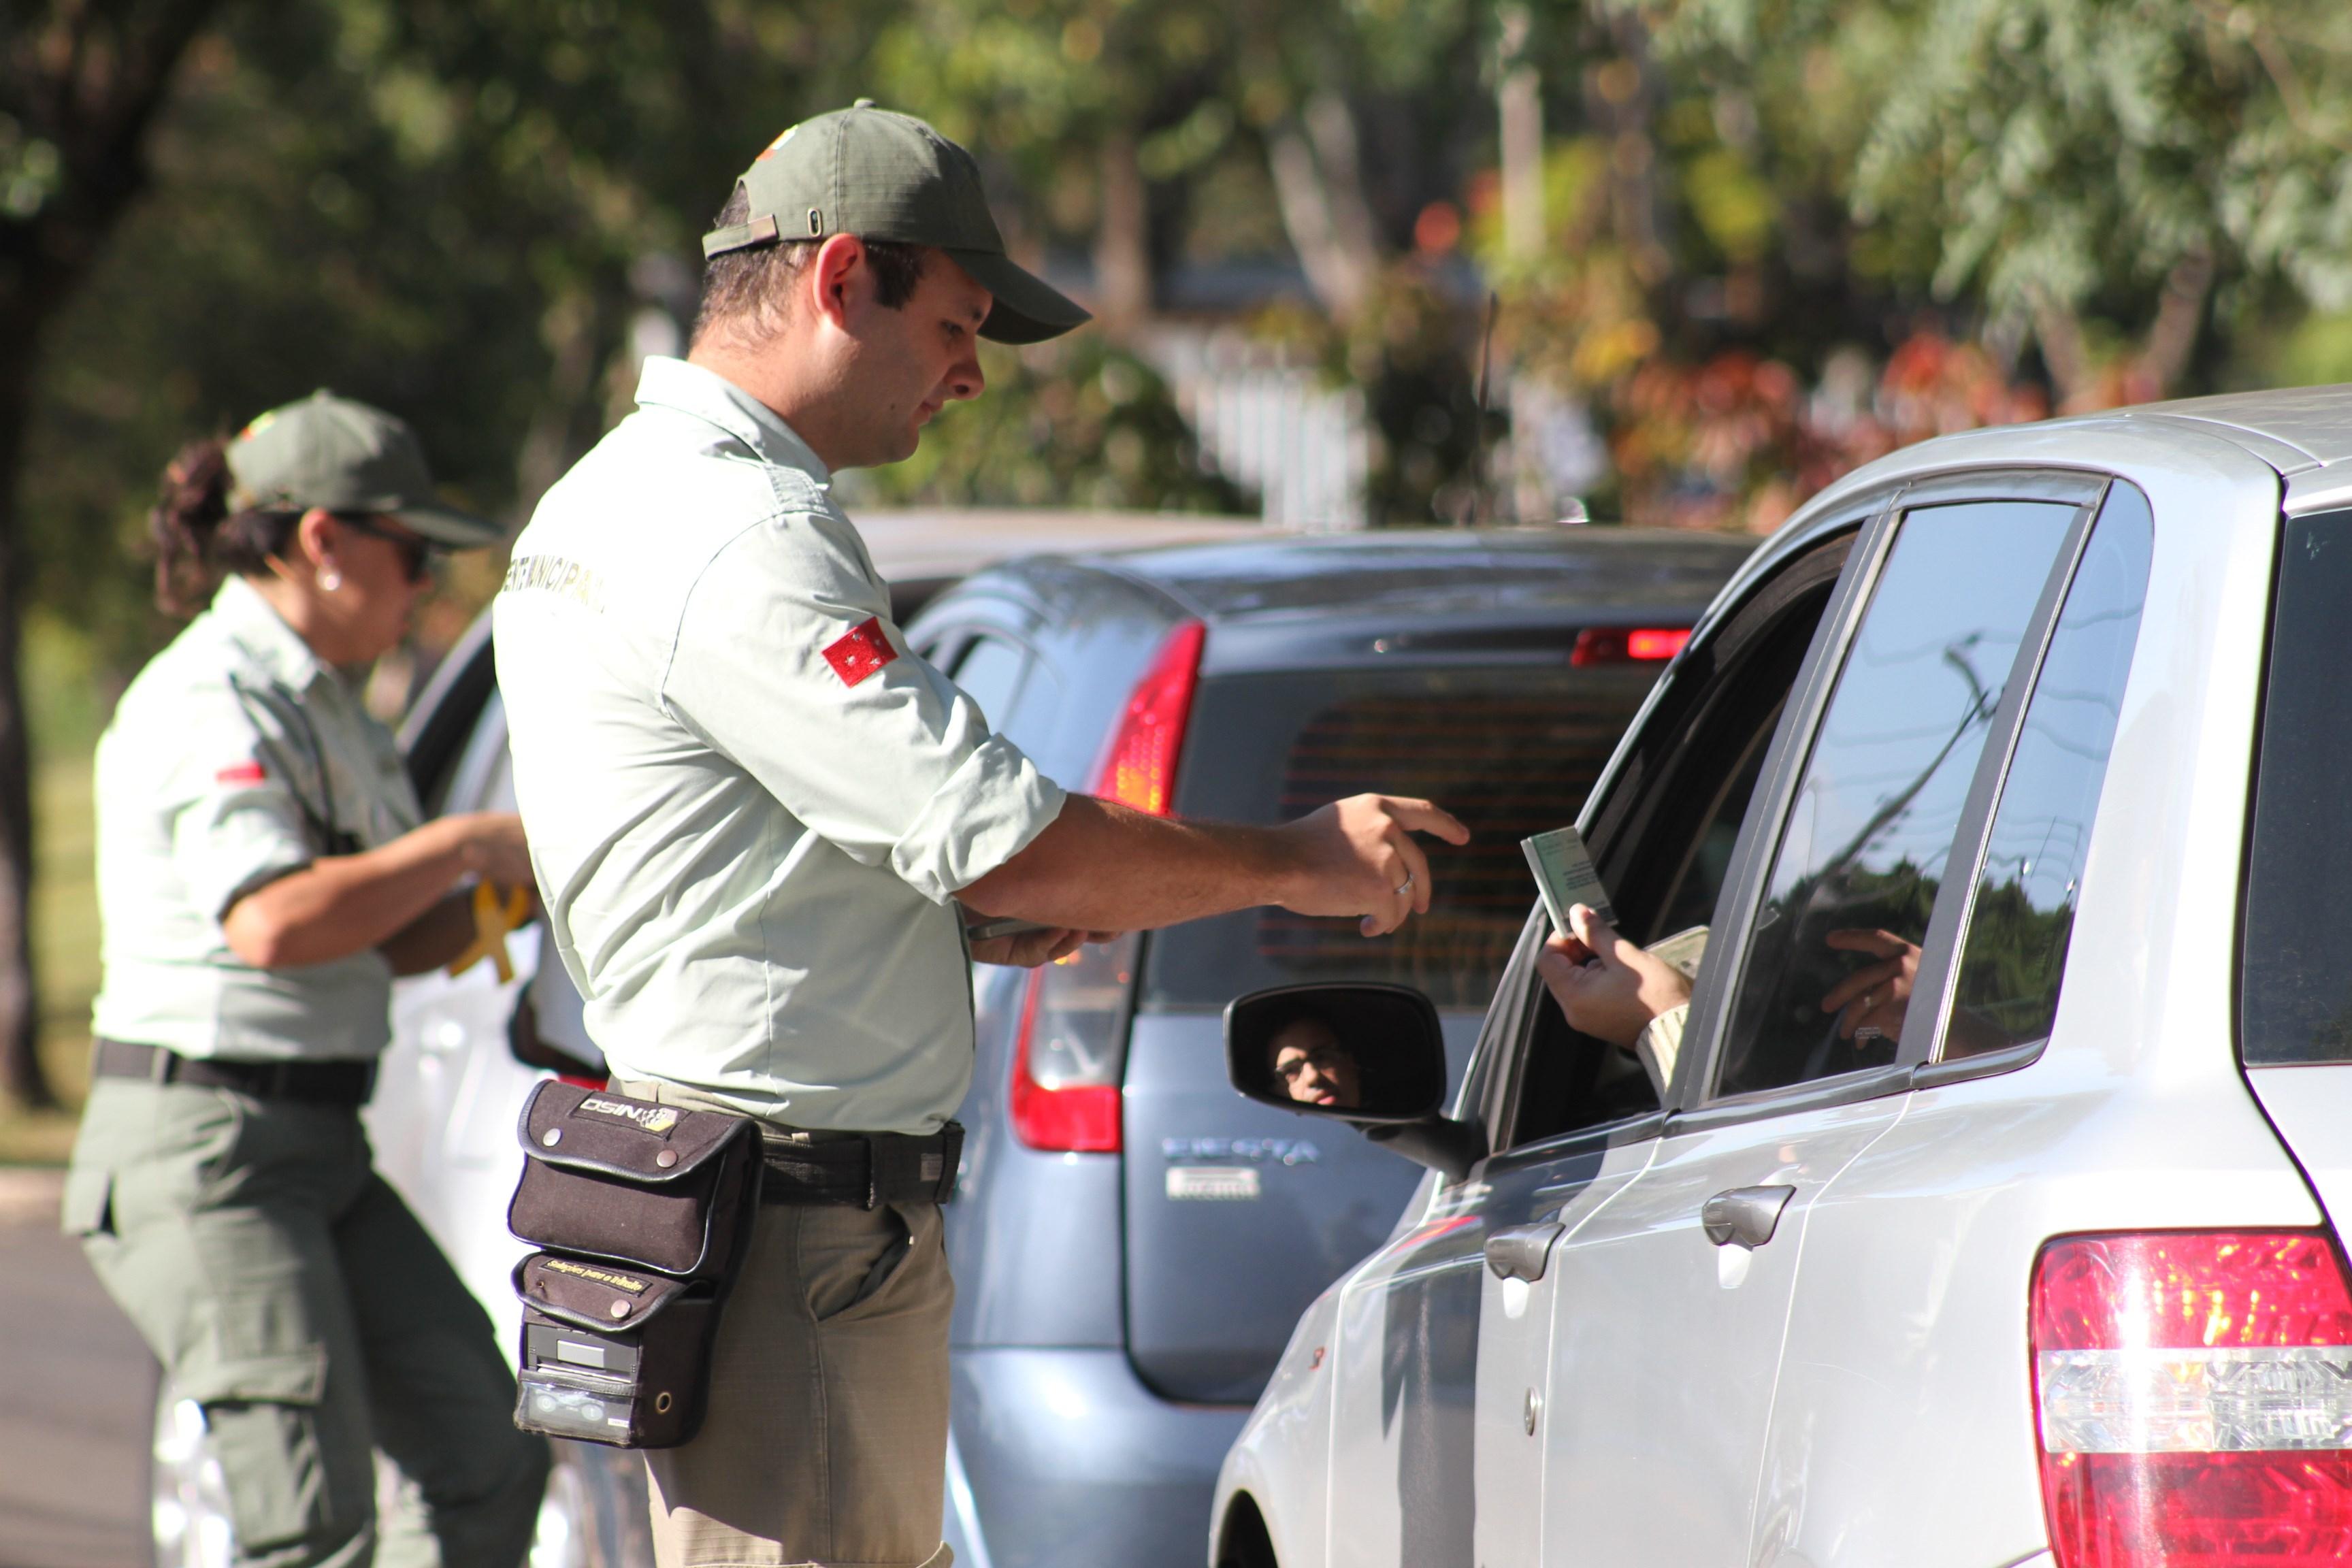 Multas - CMTU - Agente da CMTU - Foto Prefeitura de Londrina